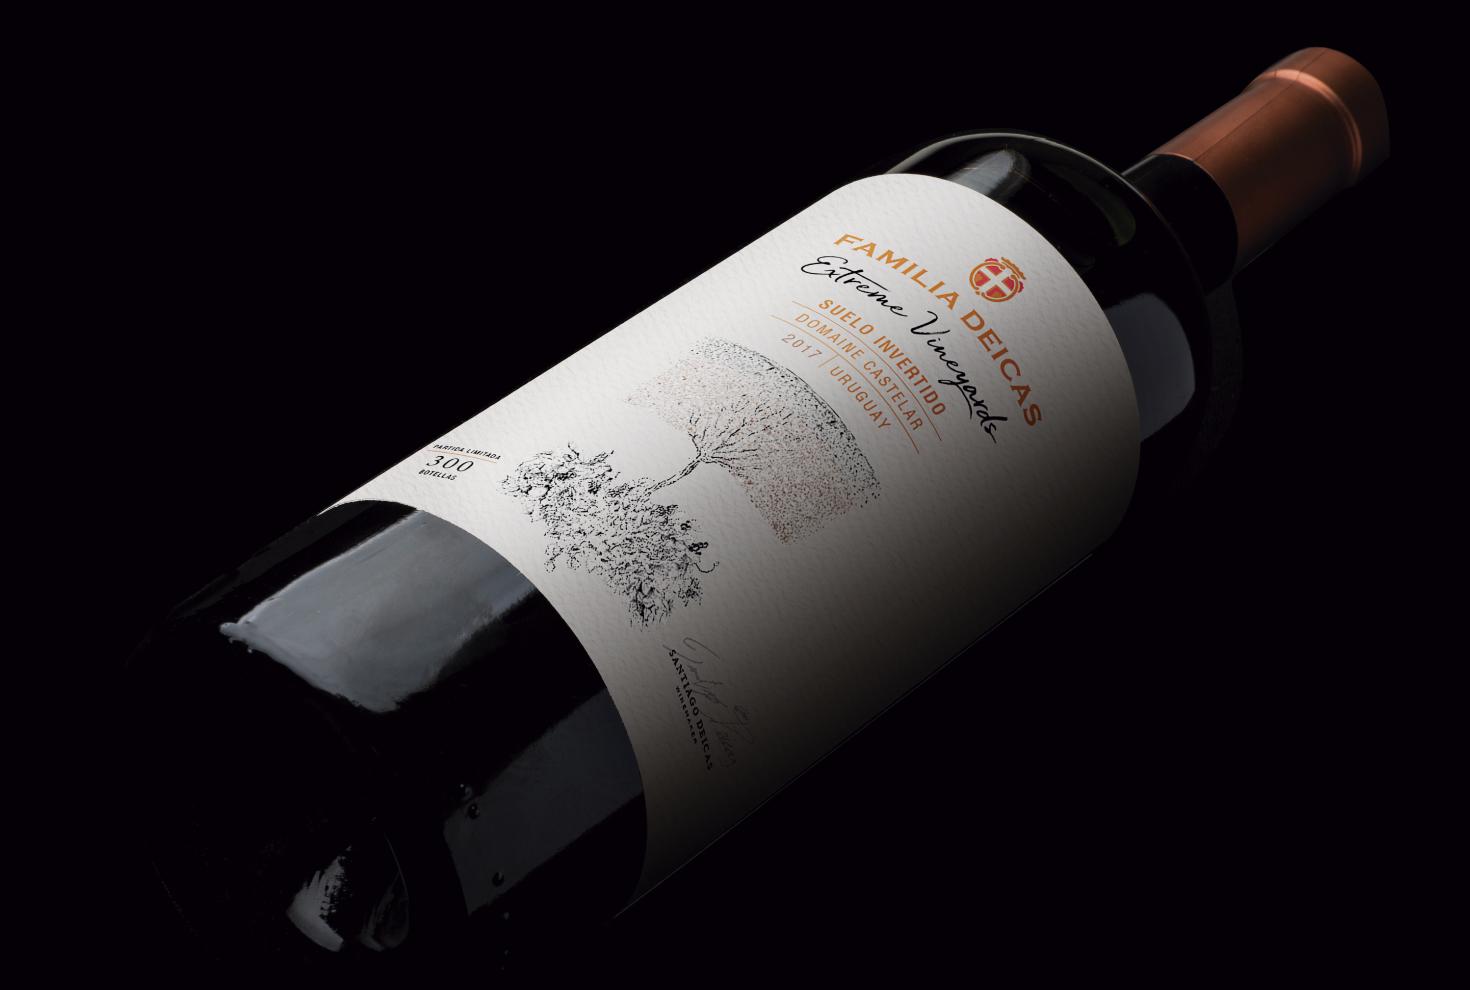 Suelo Invertido, único vino uruguayo icono de Sudamérica